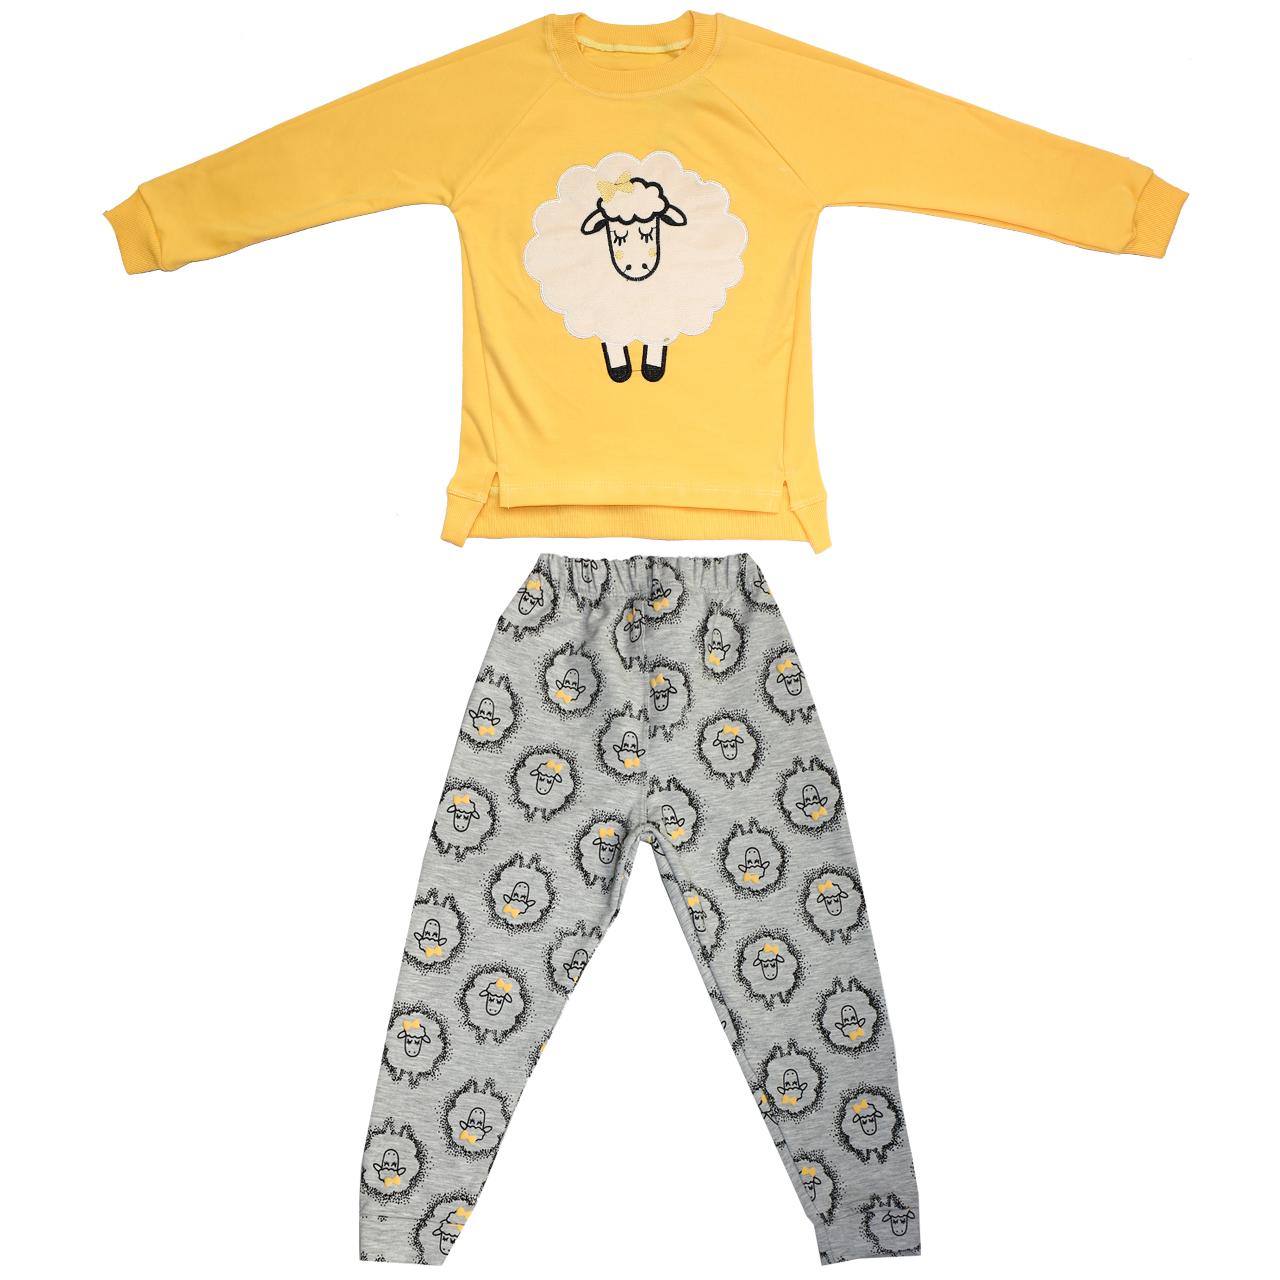 ست 2 تکه لباس بچگانه مدل Sheep رنگ زرد